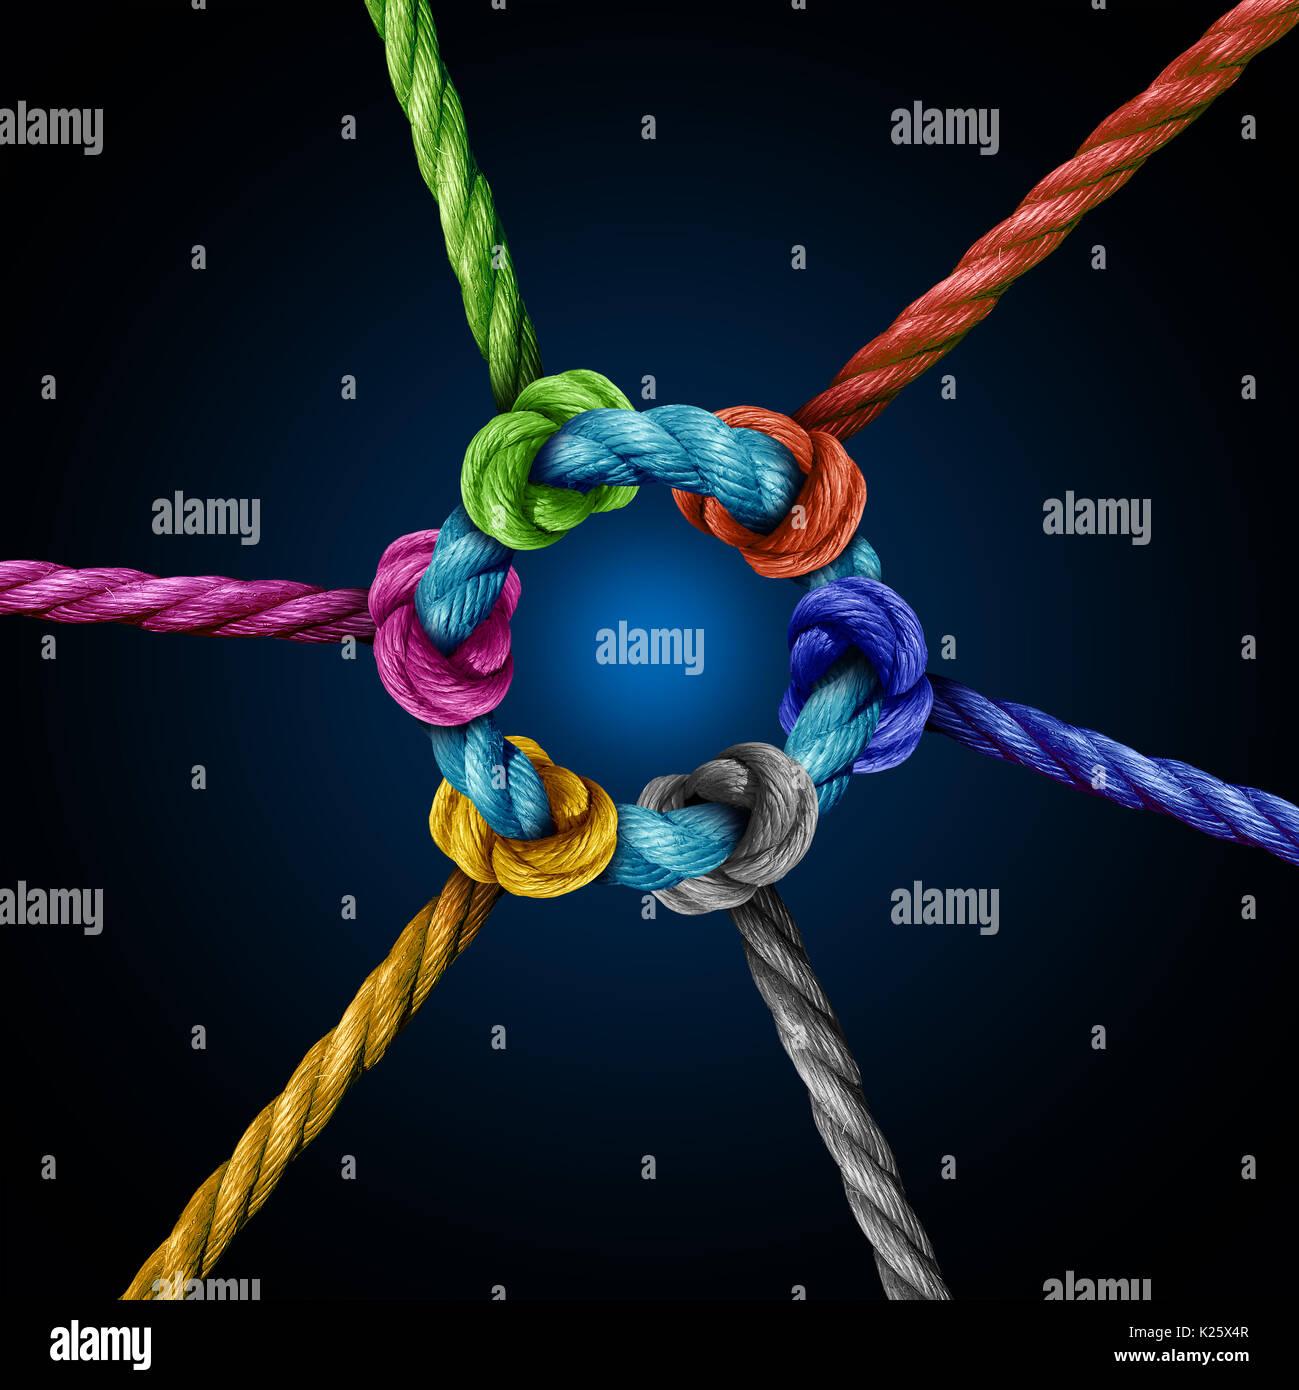 Conexión de red Centro de concepto de negocio como un grupo diverso de cuerdas conectadas a un círculo central cuerda como una metáfora para la conectividad de red. Imagen De Stock